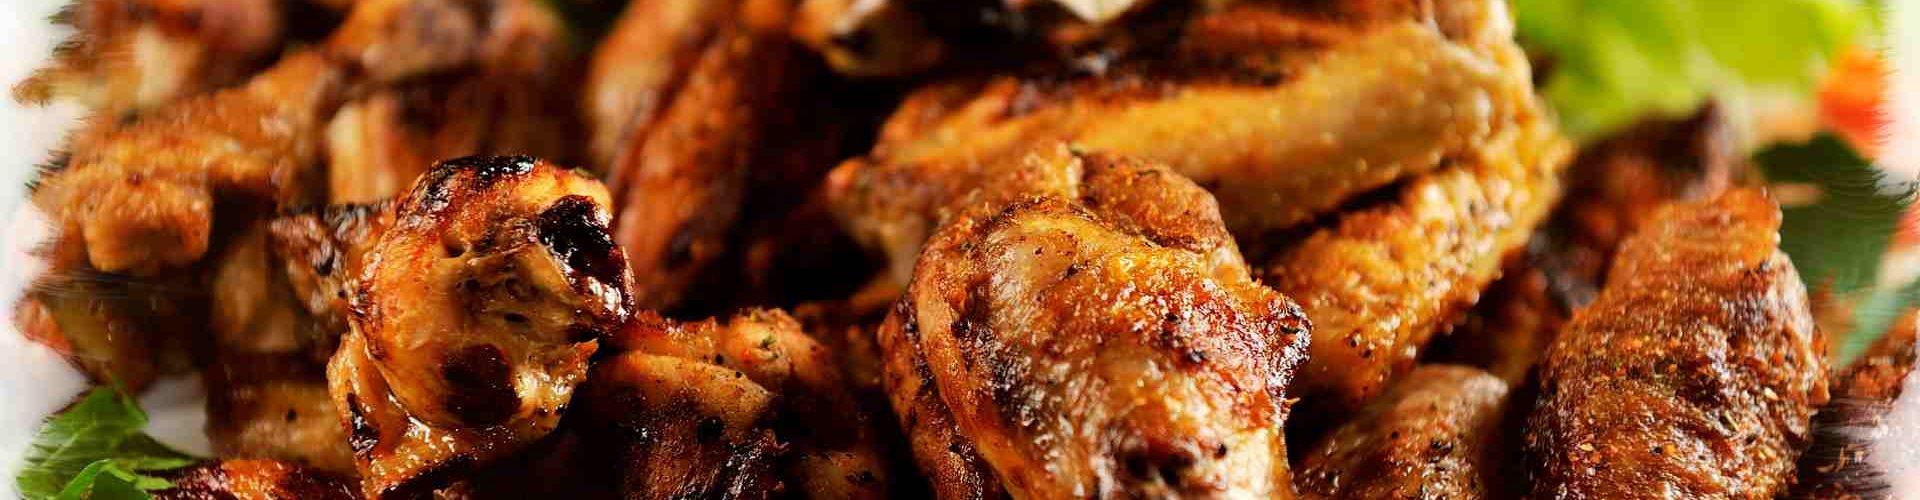 restaurant,food,bbq,chicken,